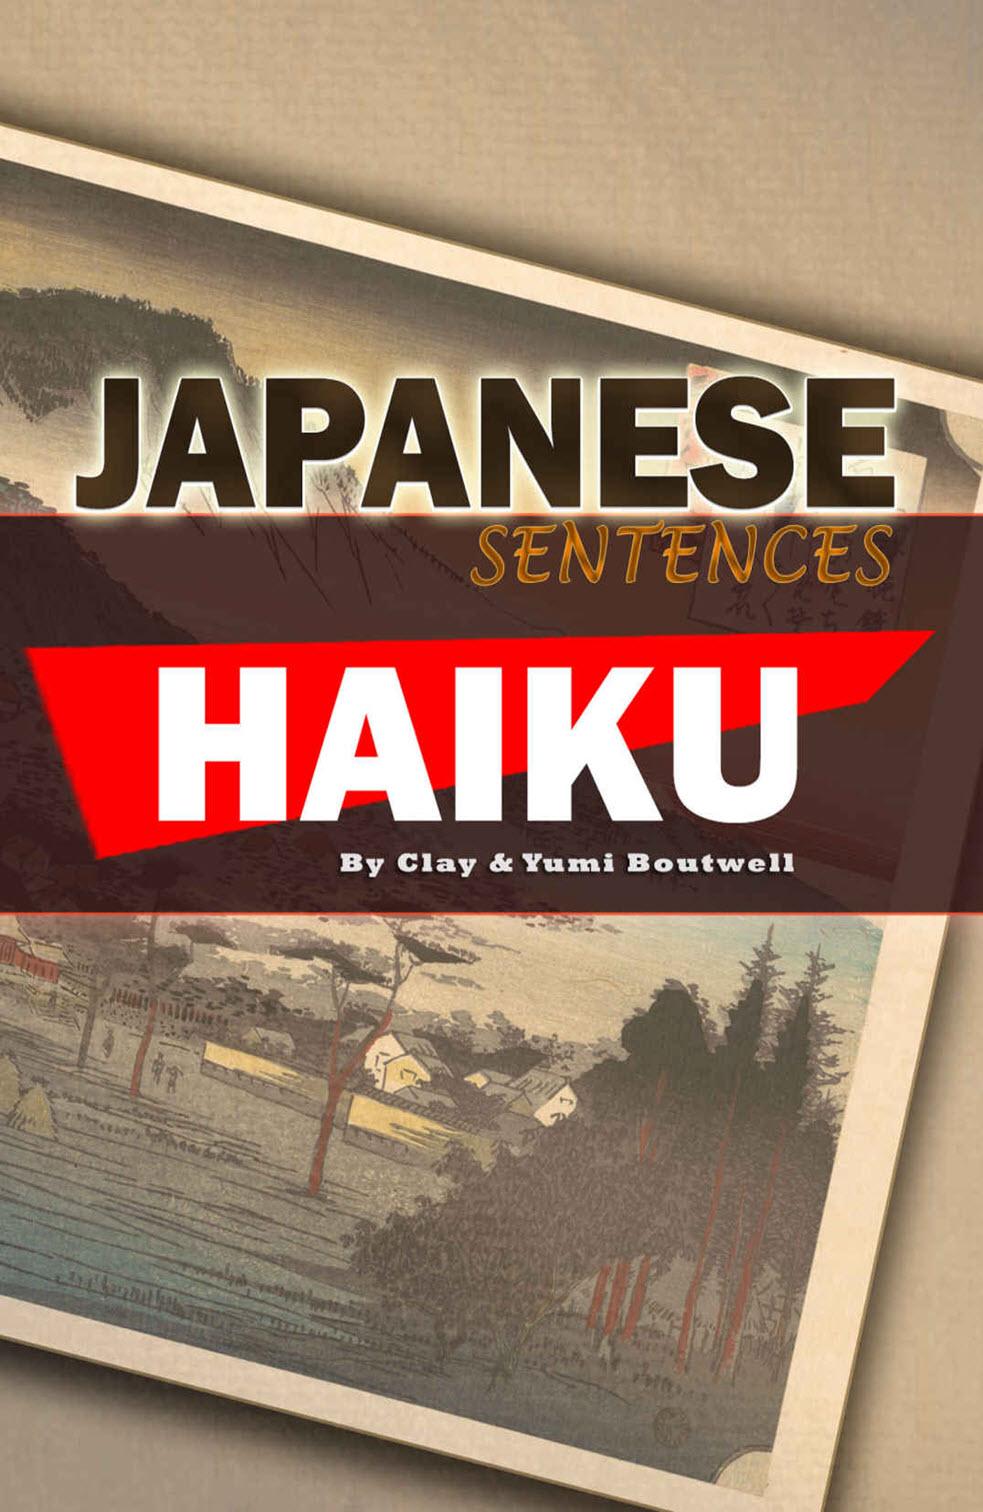 Japanese Sentences: Haiku